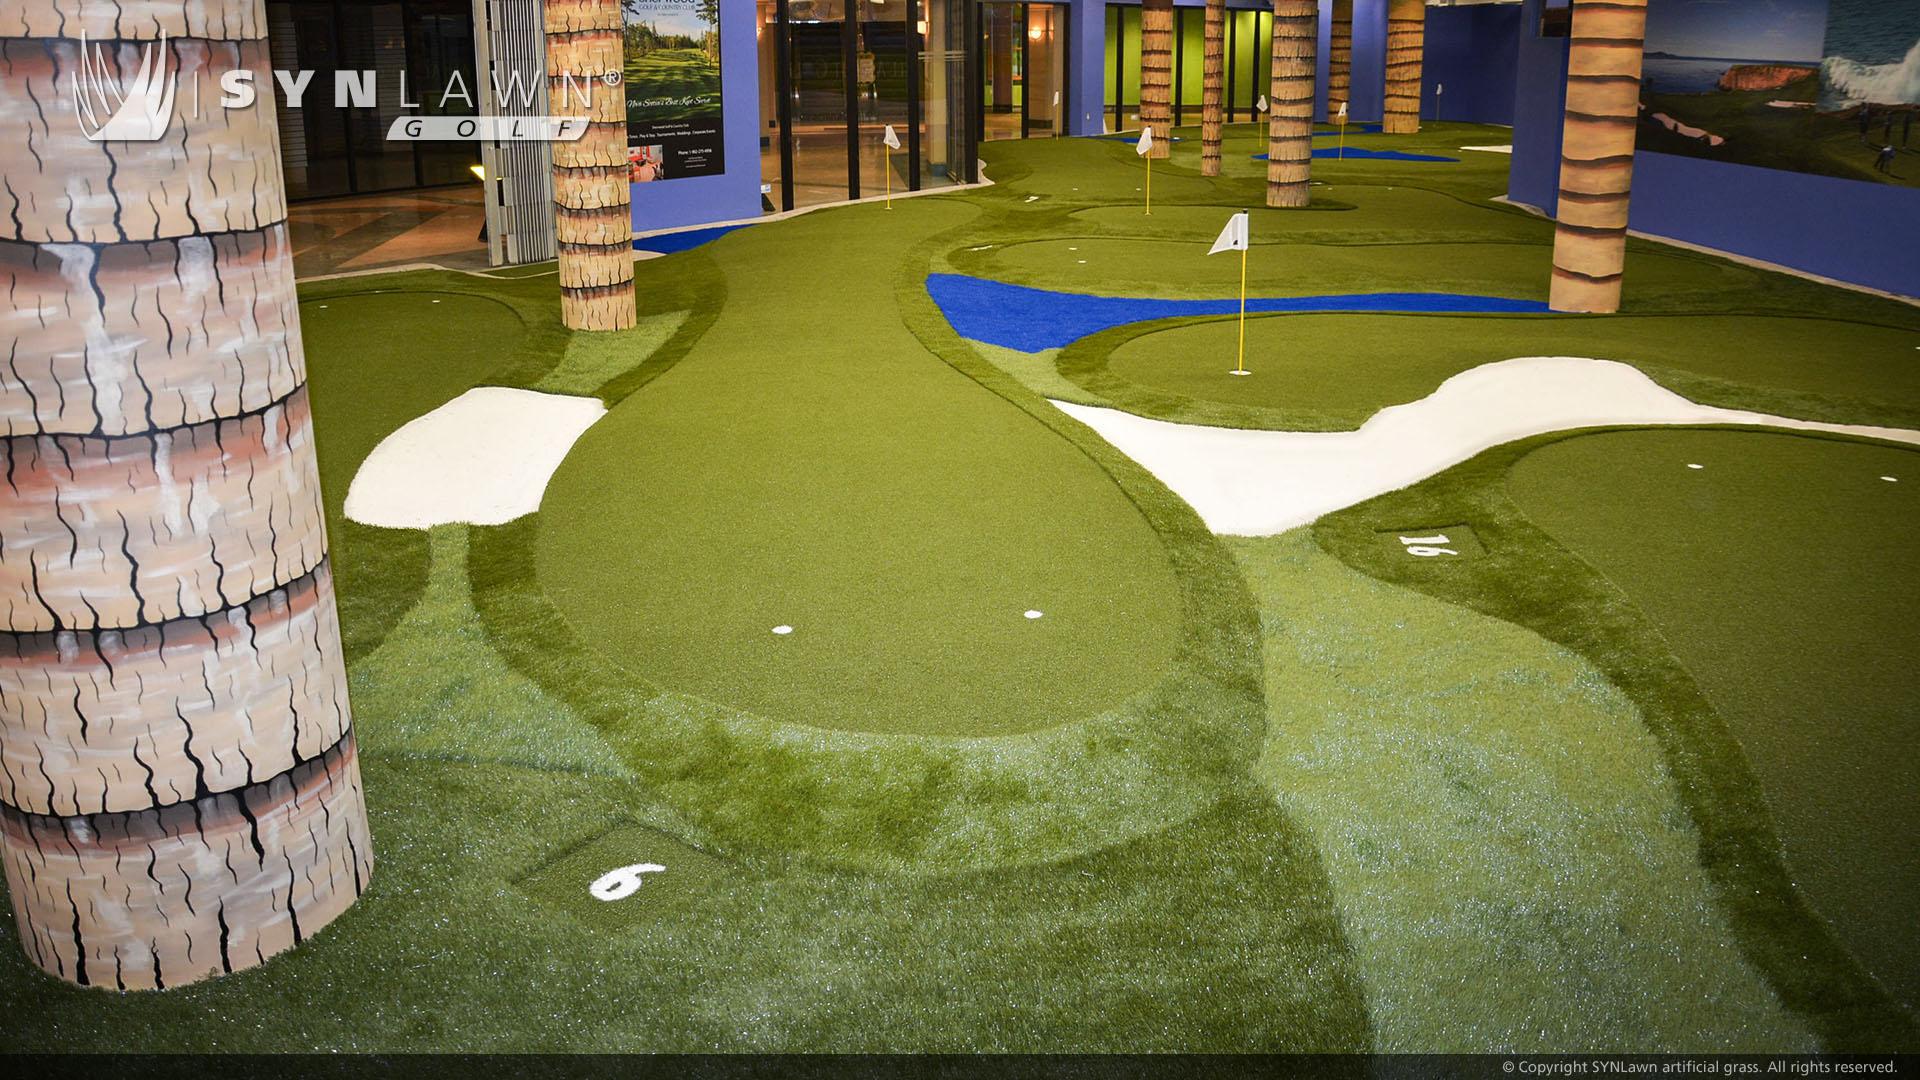 artificial grass putting green indoors